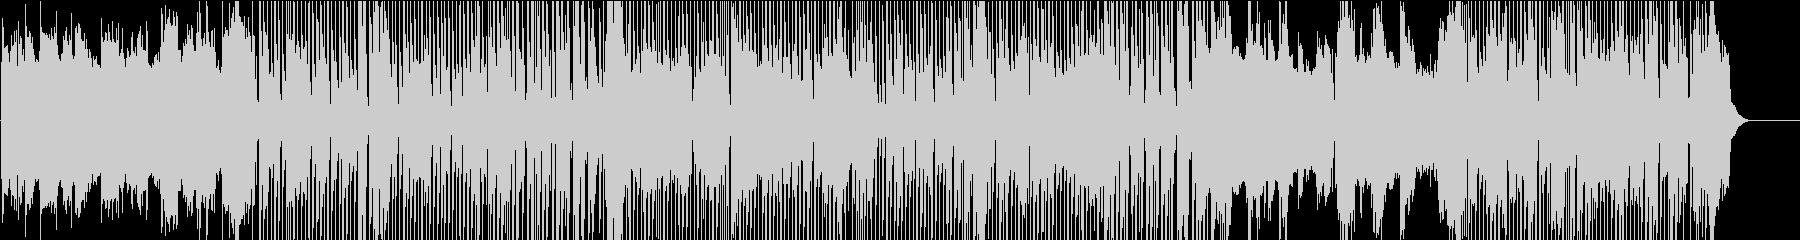 軽快でメランコリックなメロディーを...の未再生の波形